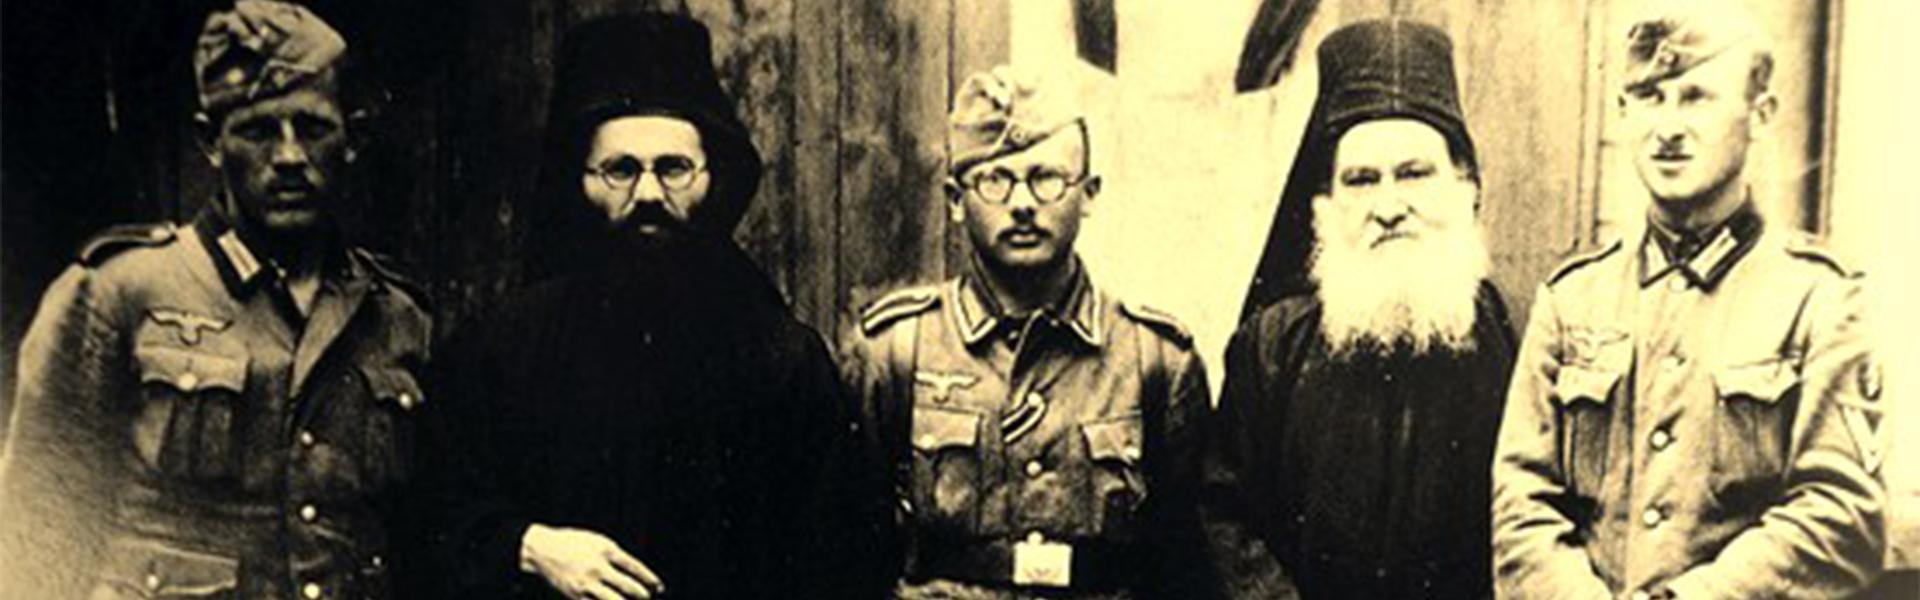 Крест и свастика. Как РПЦ поддерживала Гитлера